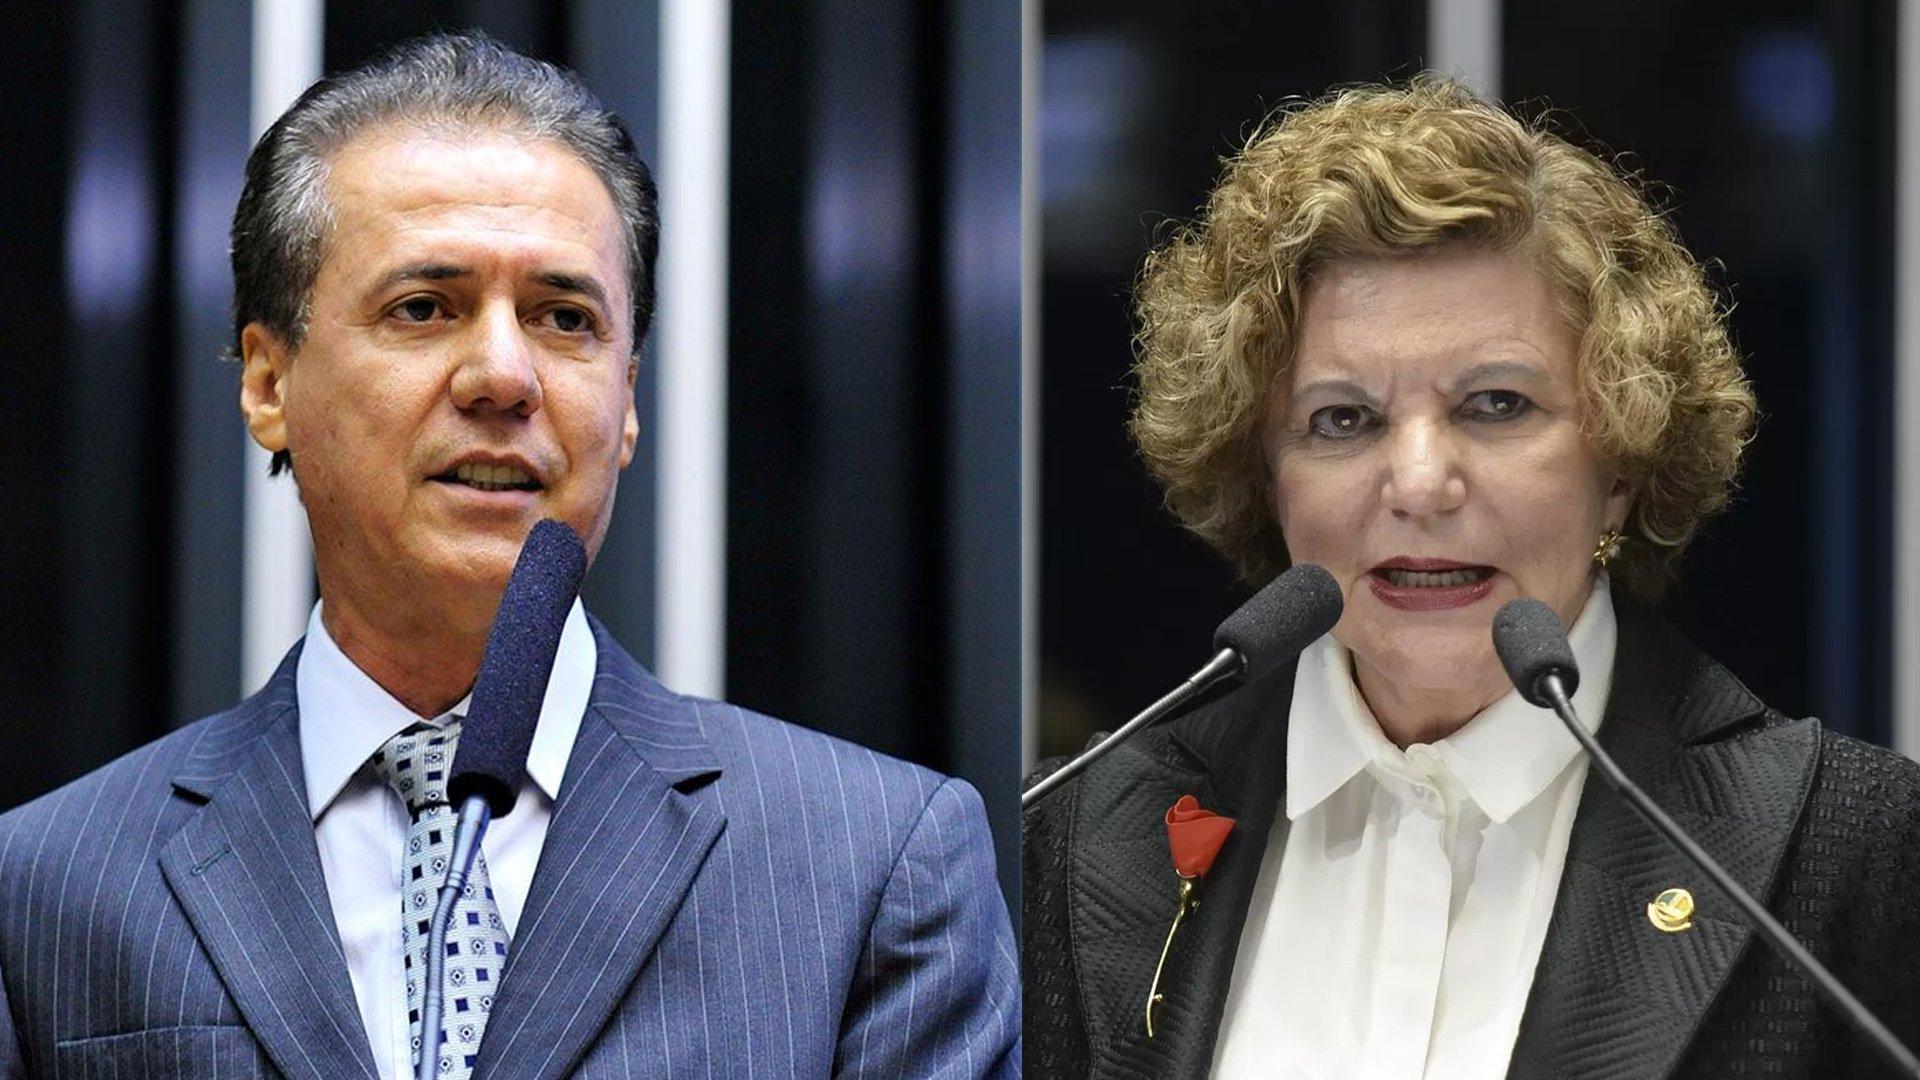 Pedro Chaves e Lúcia Vânia são pré-candidatos ao Senado   Foto: Reprodução